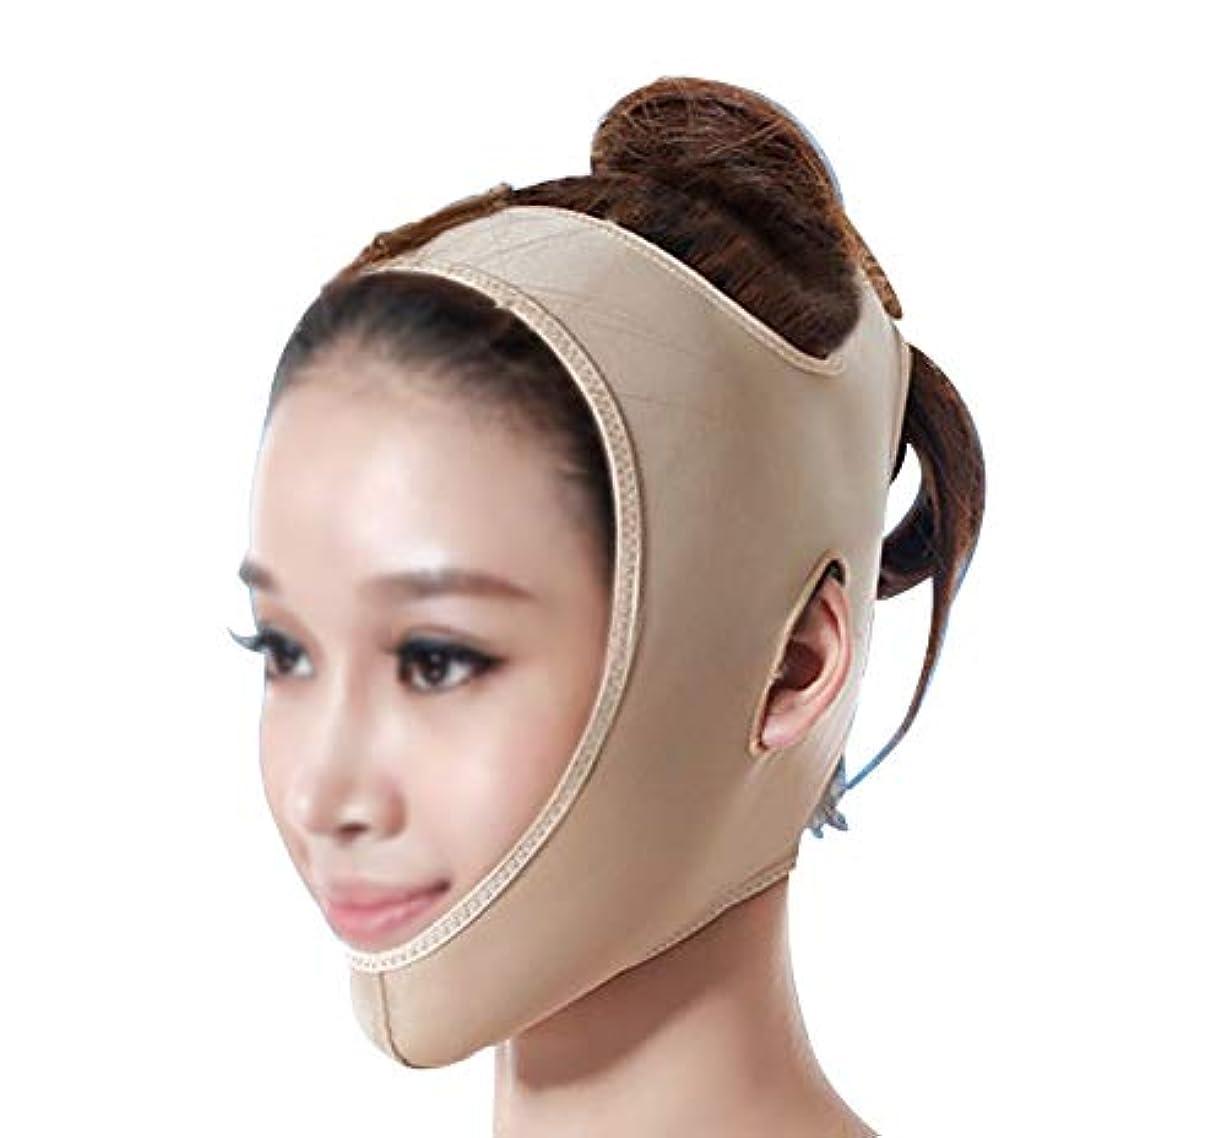 熱帯の厳出くわすTLMY 引き締めマスクマスク美容薬マスク美容V顔包帯ライン彫刻引き締めしっかりダブルチンマスク 顔用整形マスク (Size : M)